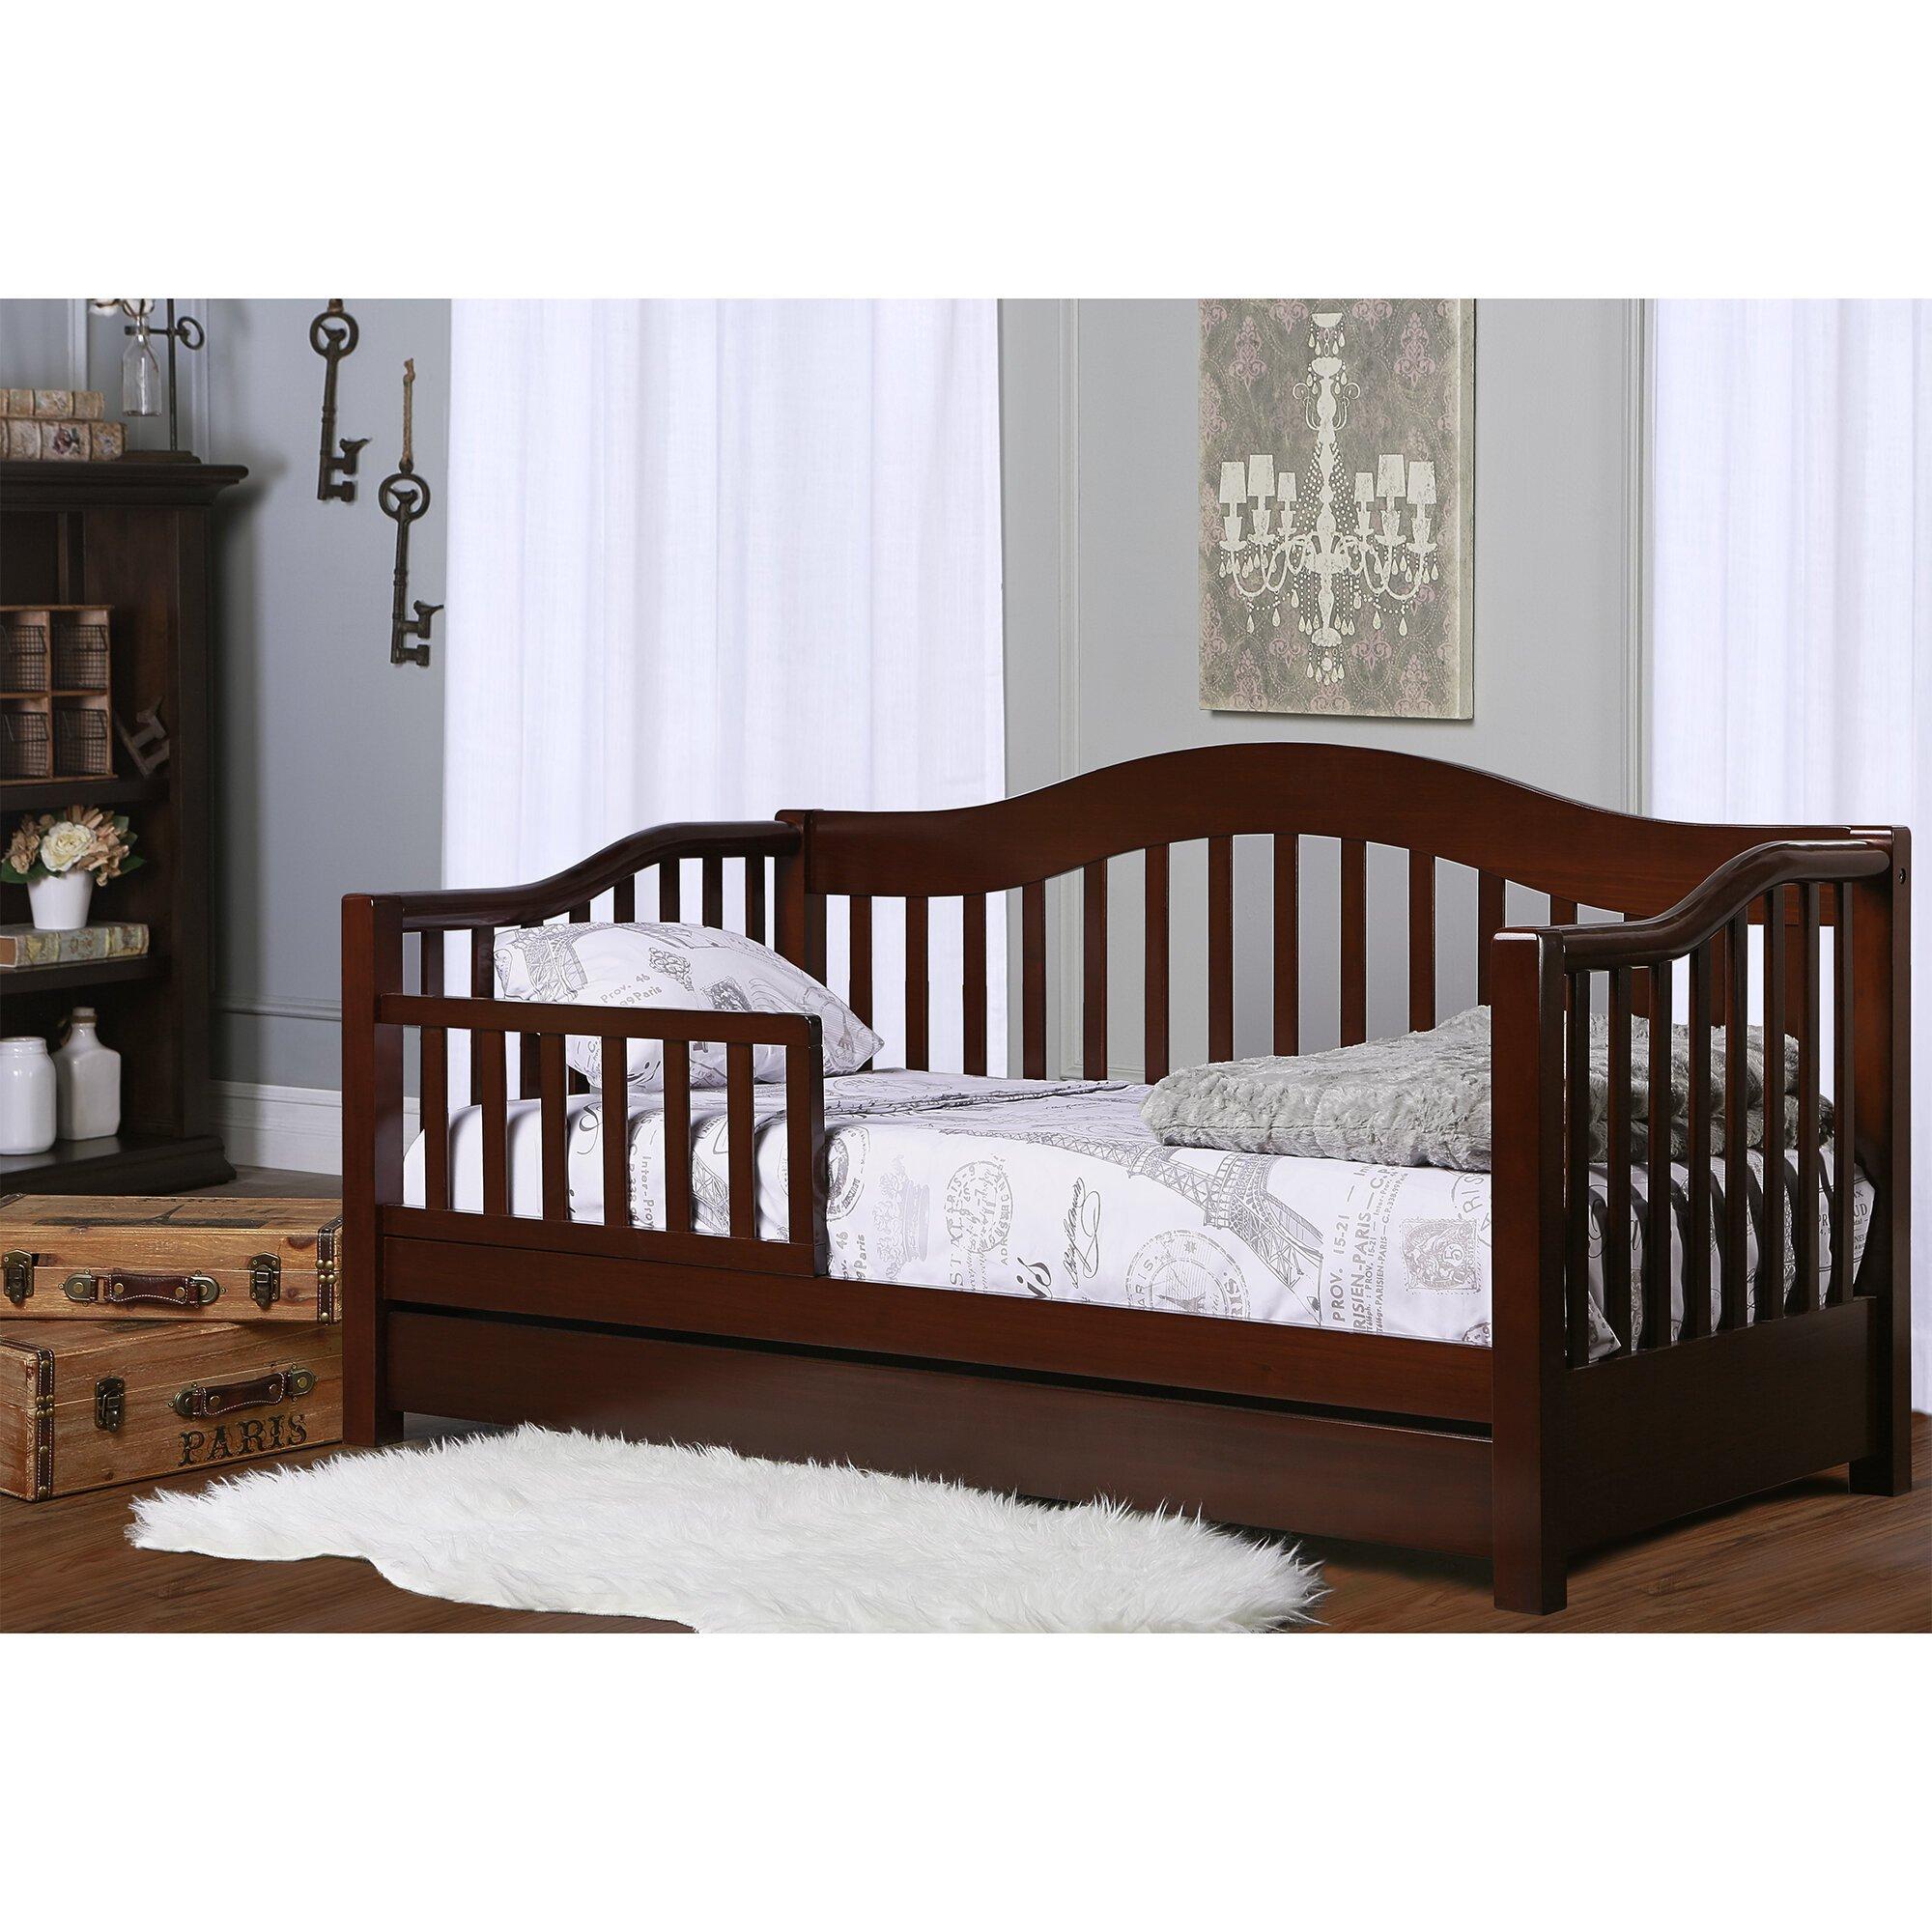 Toddler Bedroom Furniture Set Elegant Clarkson toddler Bed